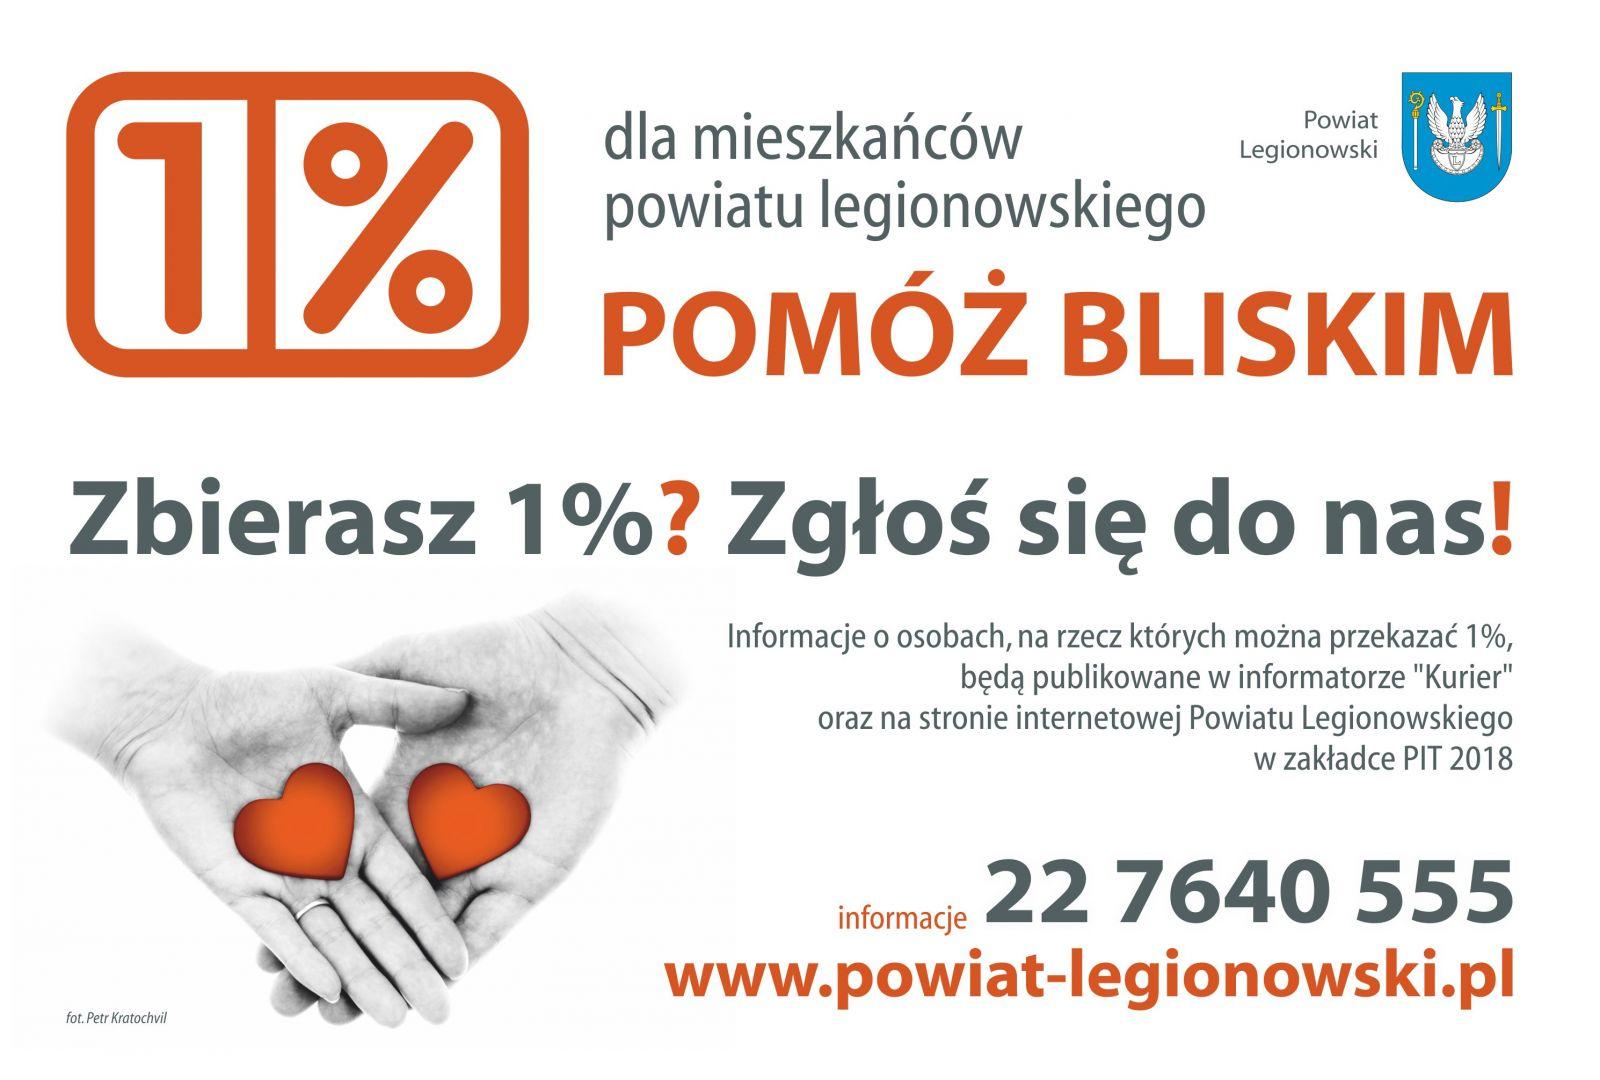 cb167aa617 Zbierasz 1% - zgłoś się do nas! - Powiat Legionowski